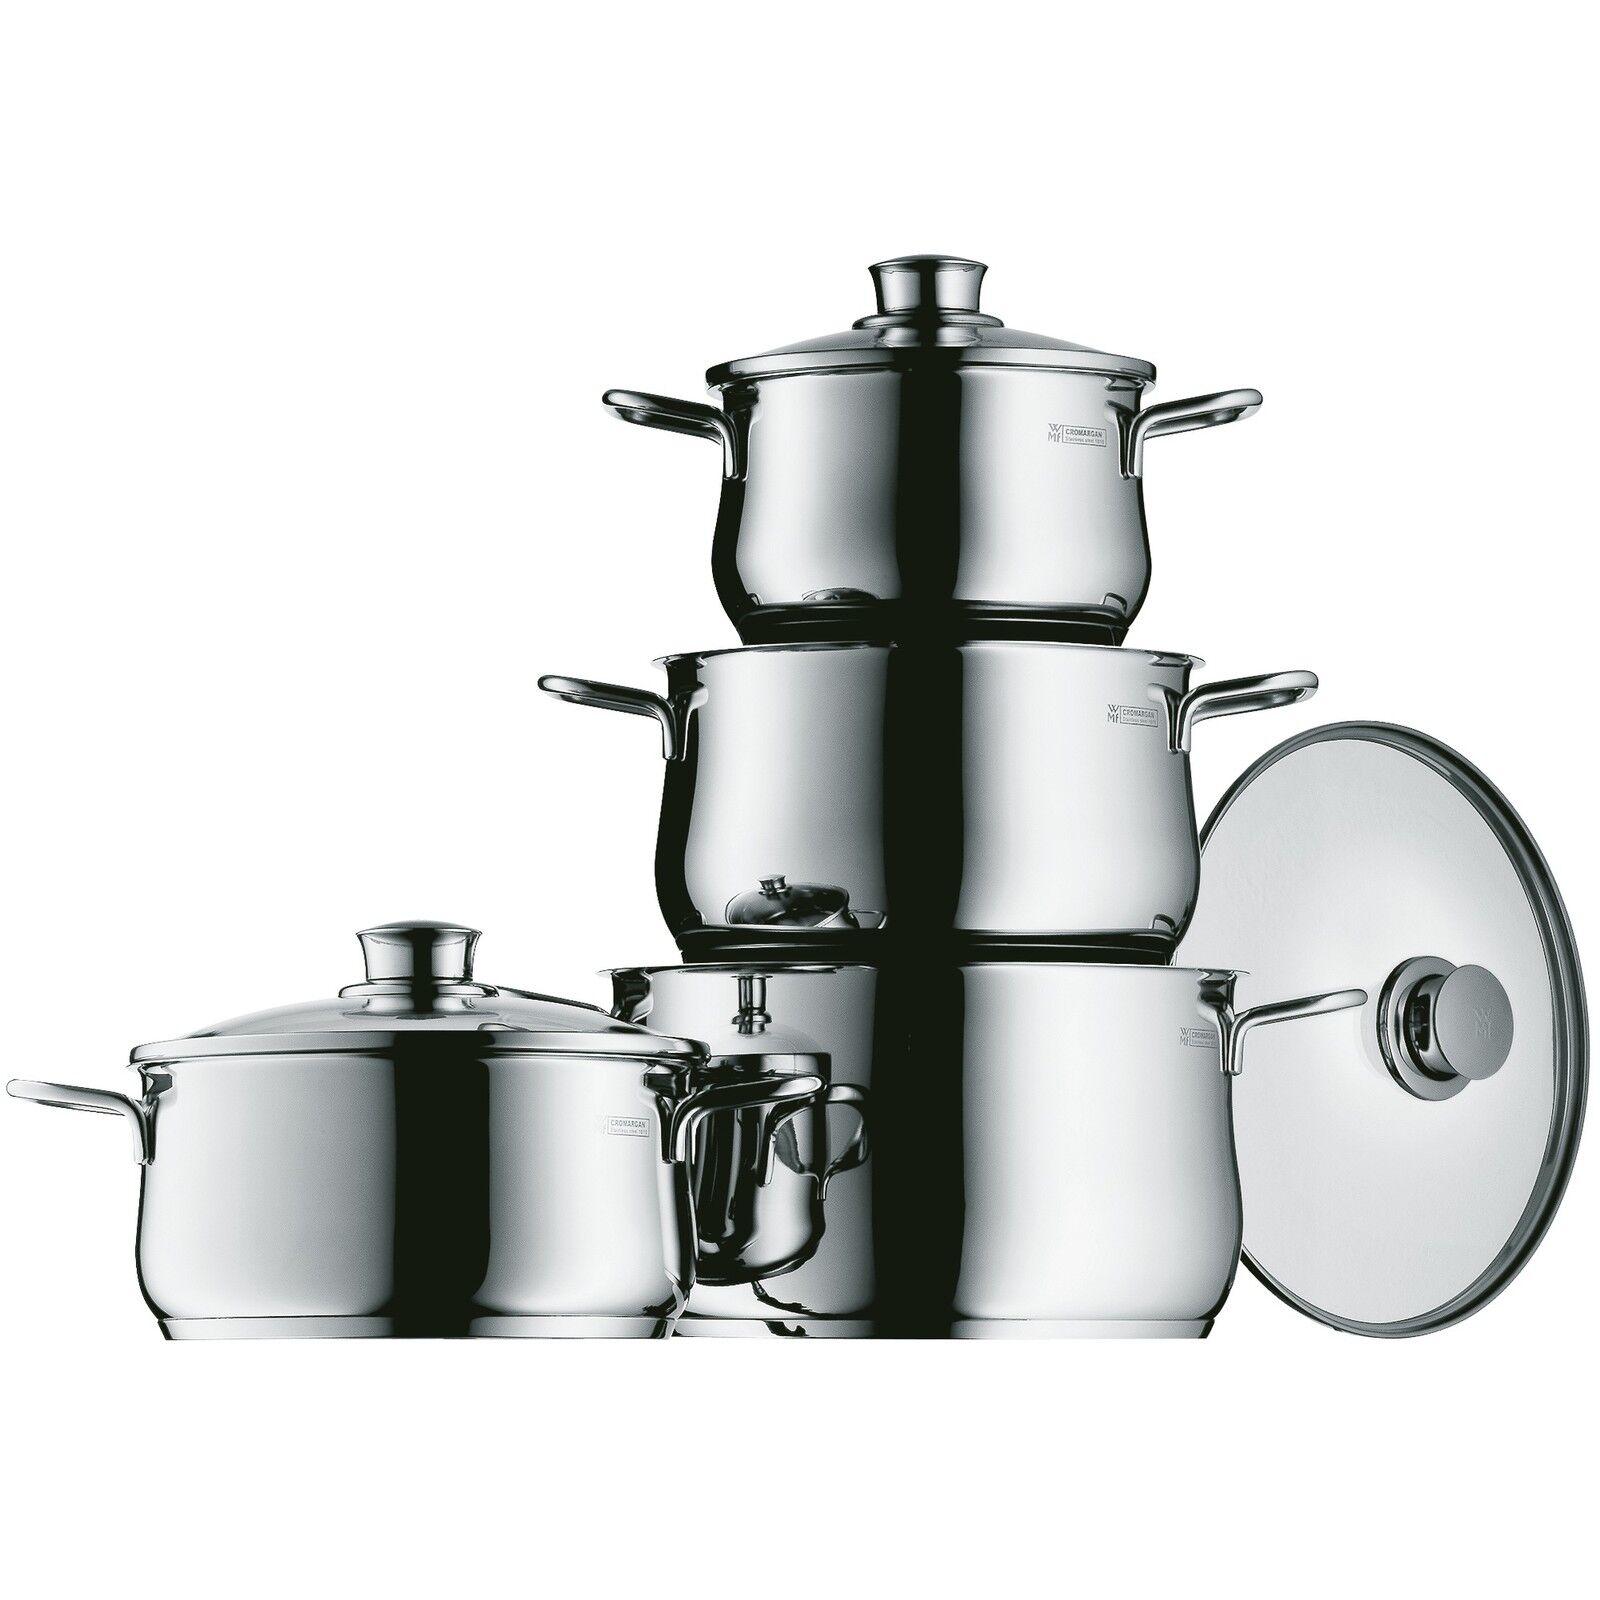 WMF olla set 4 piezas Diadem plus inducción fogón tapa cocina 0730046040